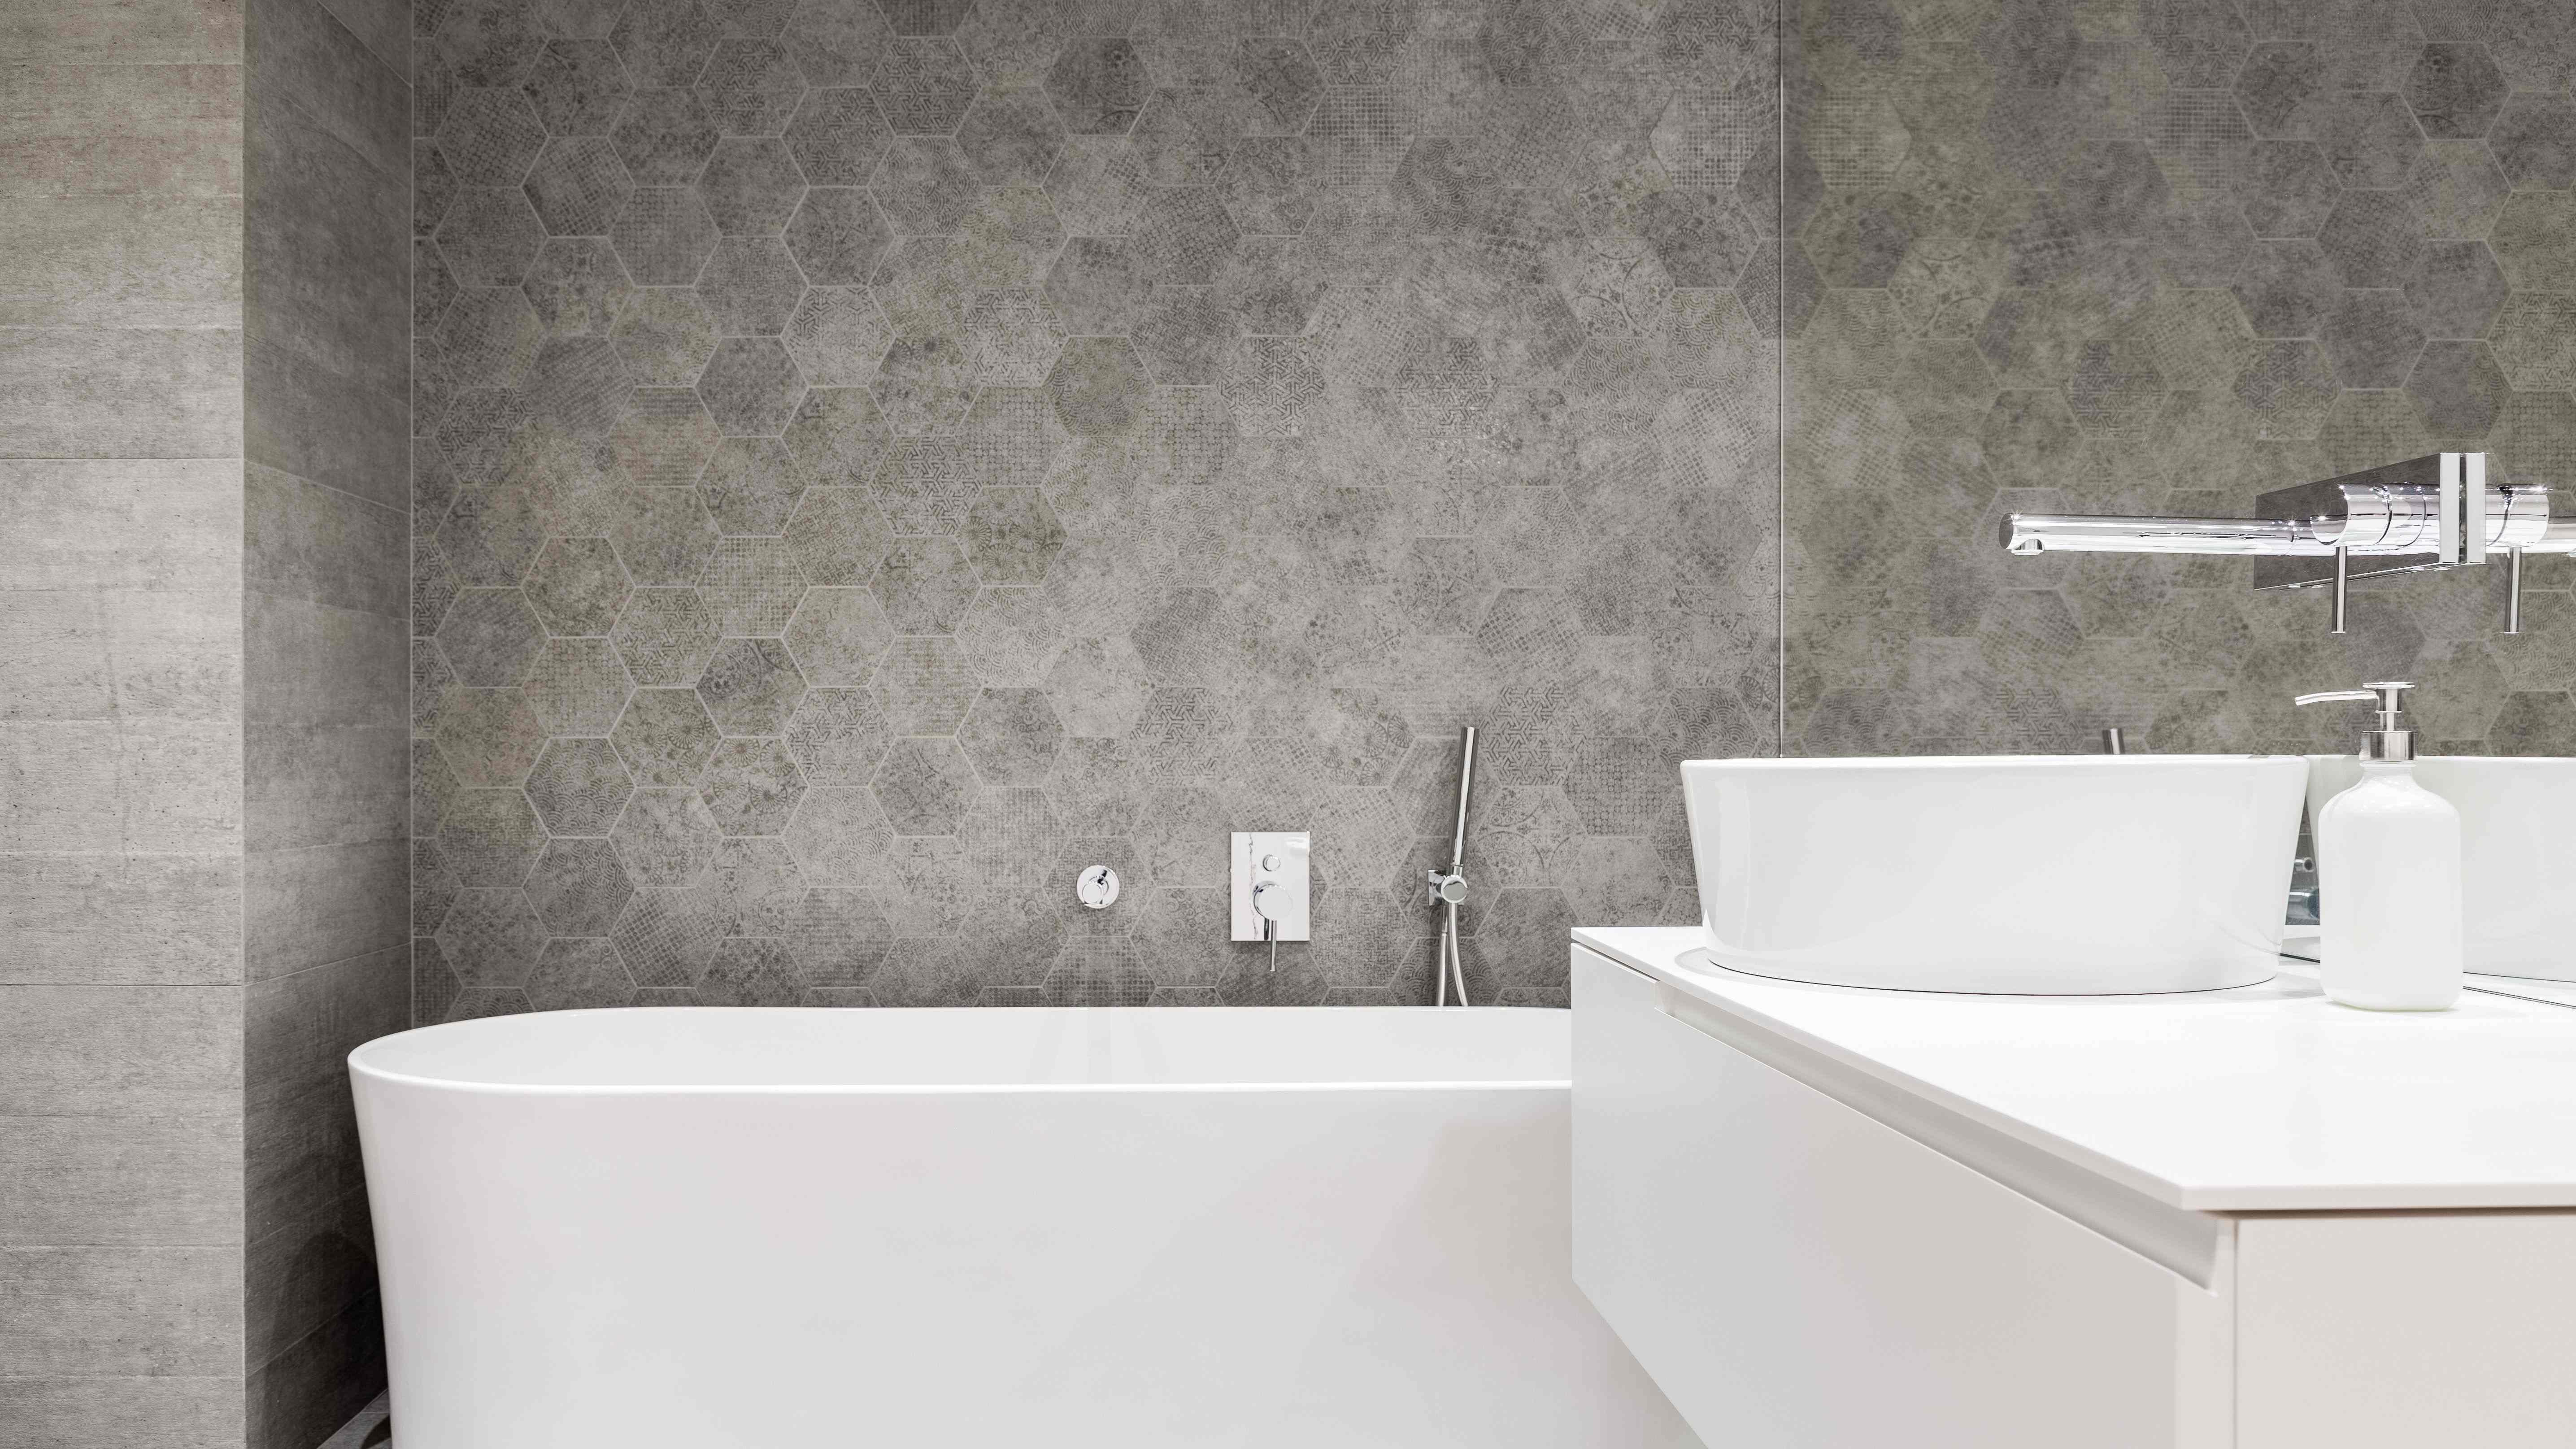 Comment choisir un revêtement mural pour salle de bains ?